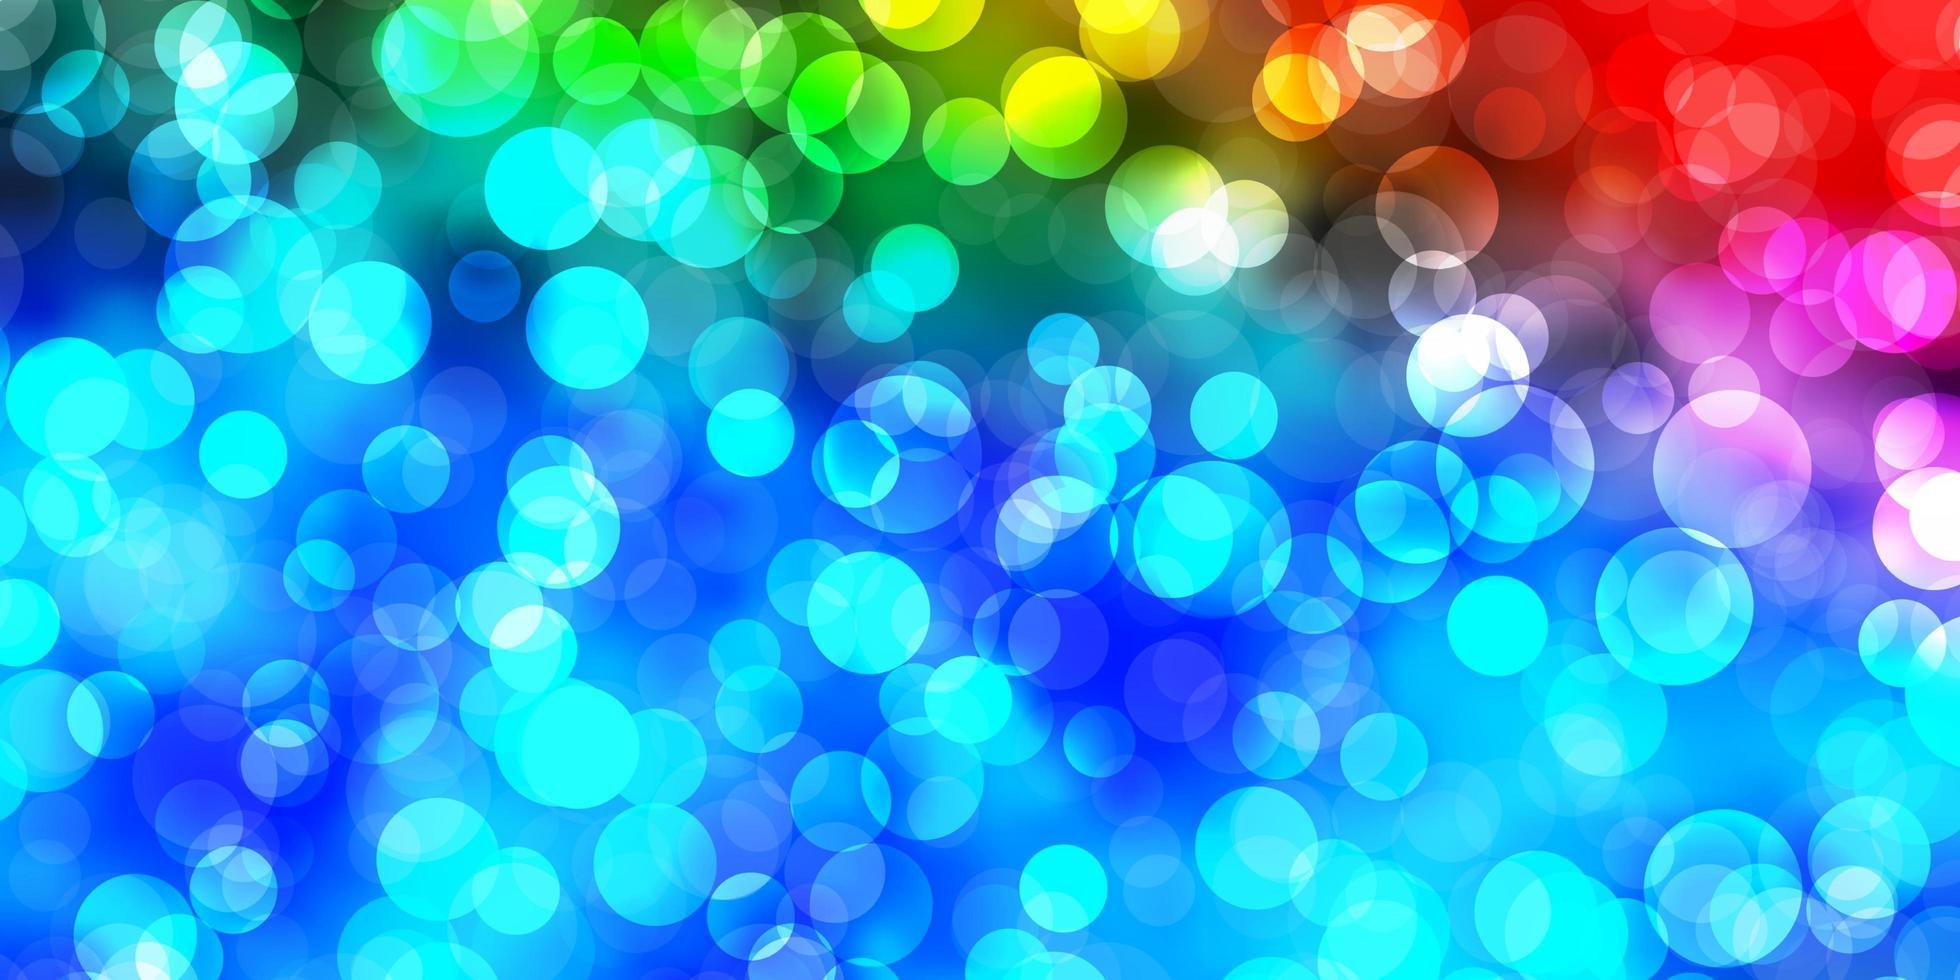 padrão de vetor multicolor escuro com esferas.